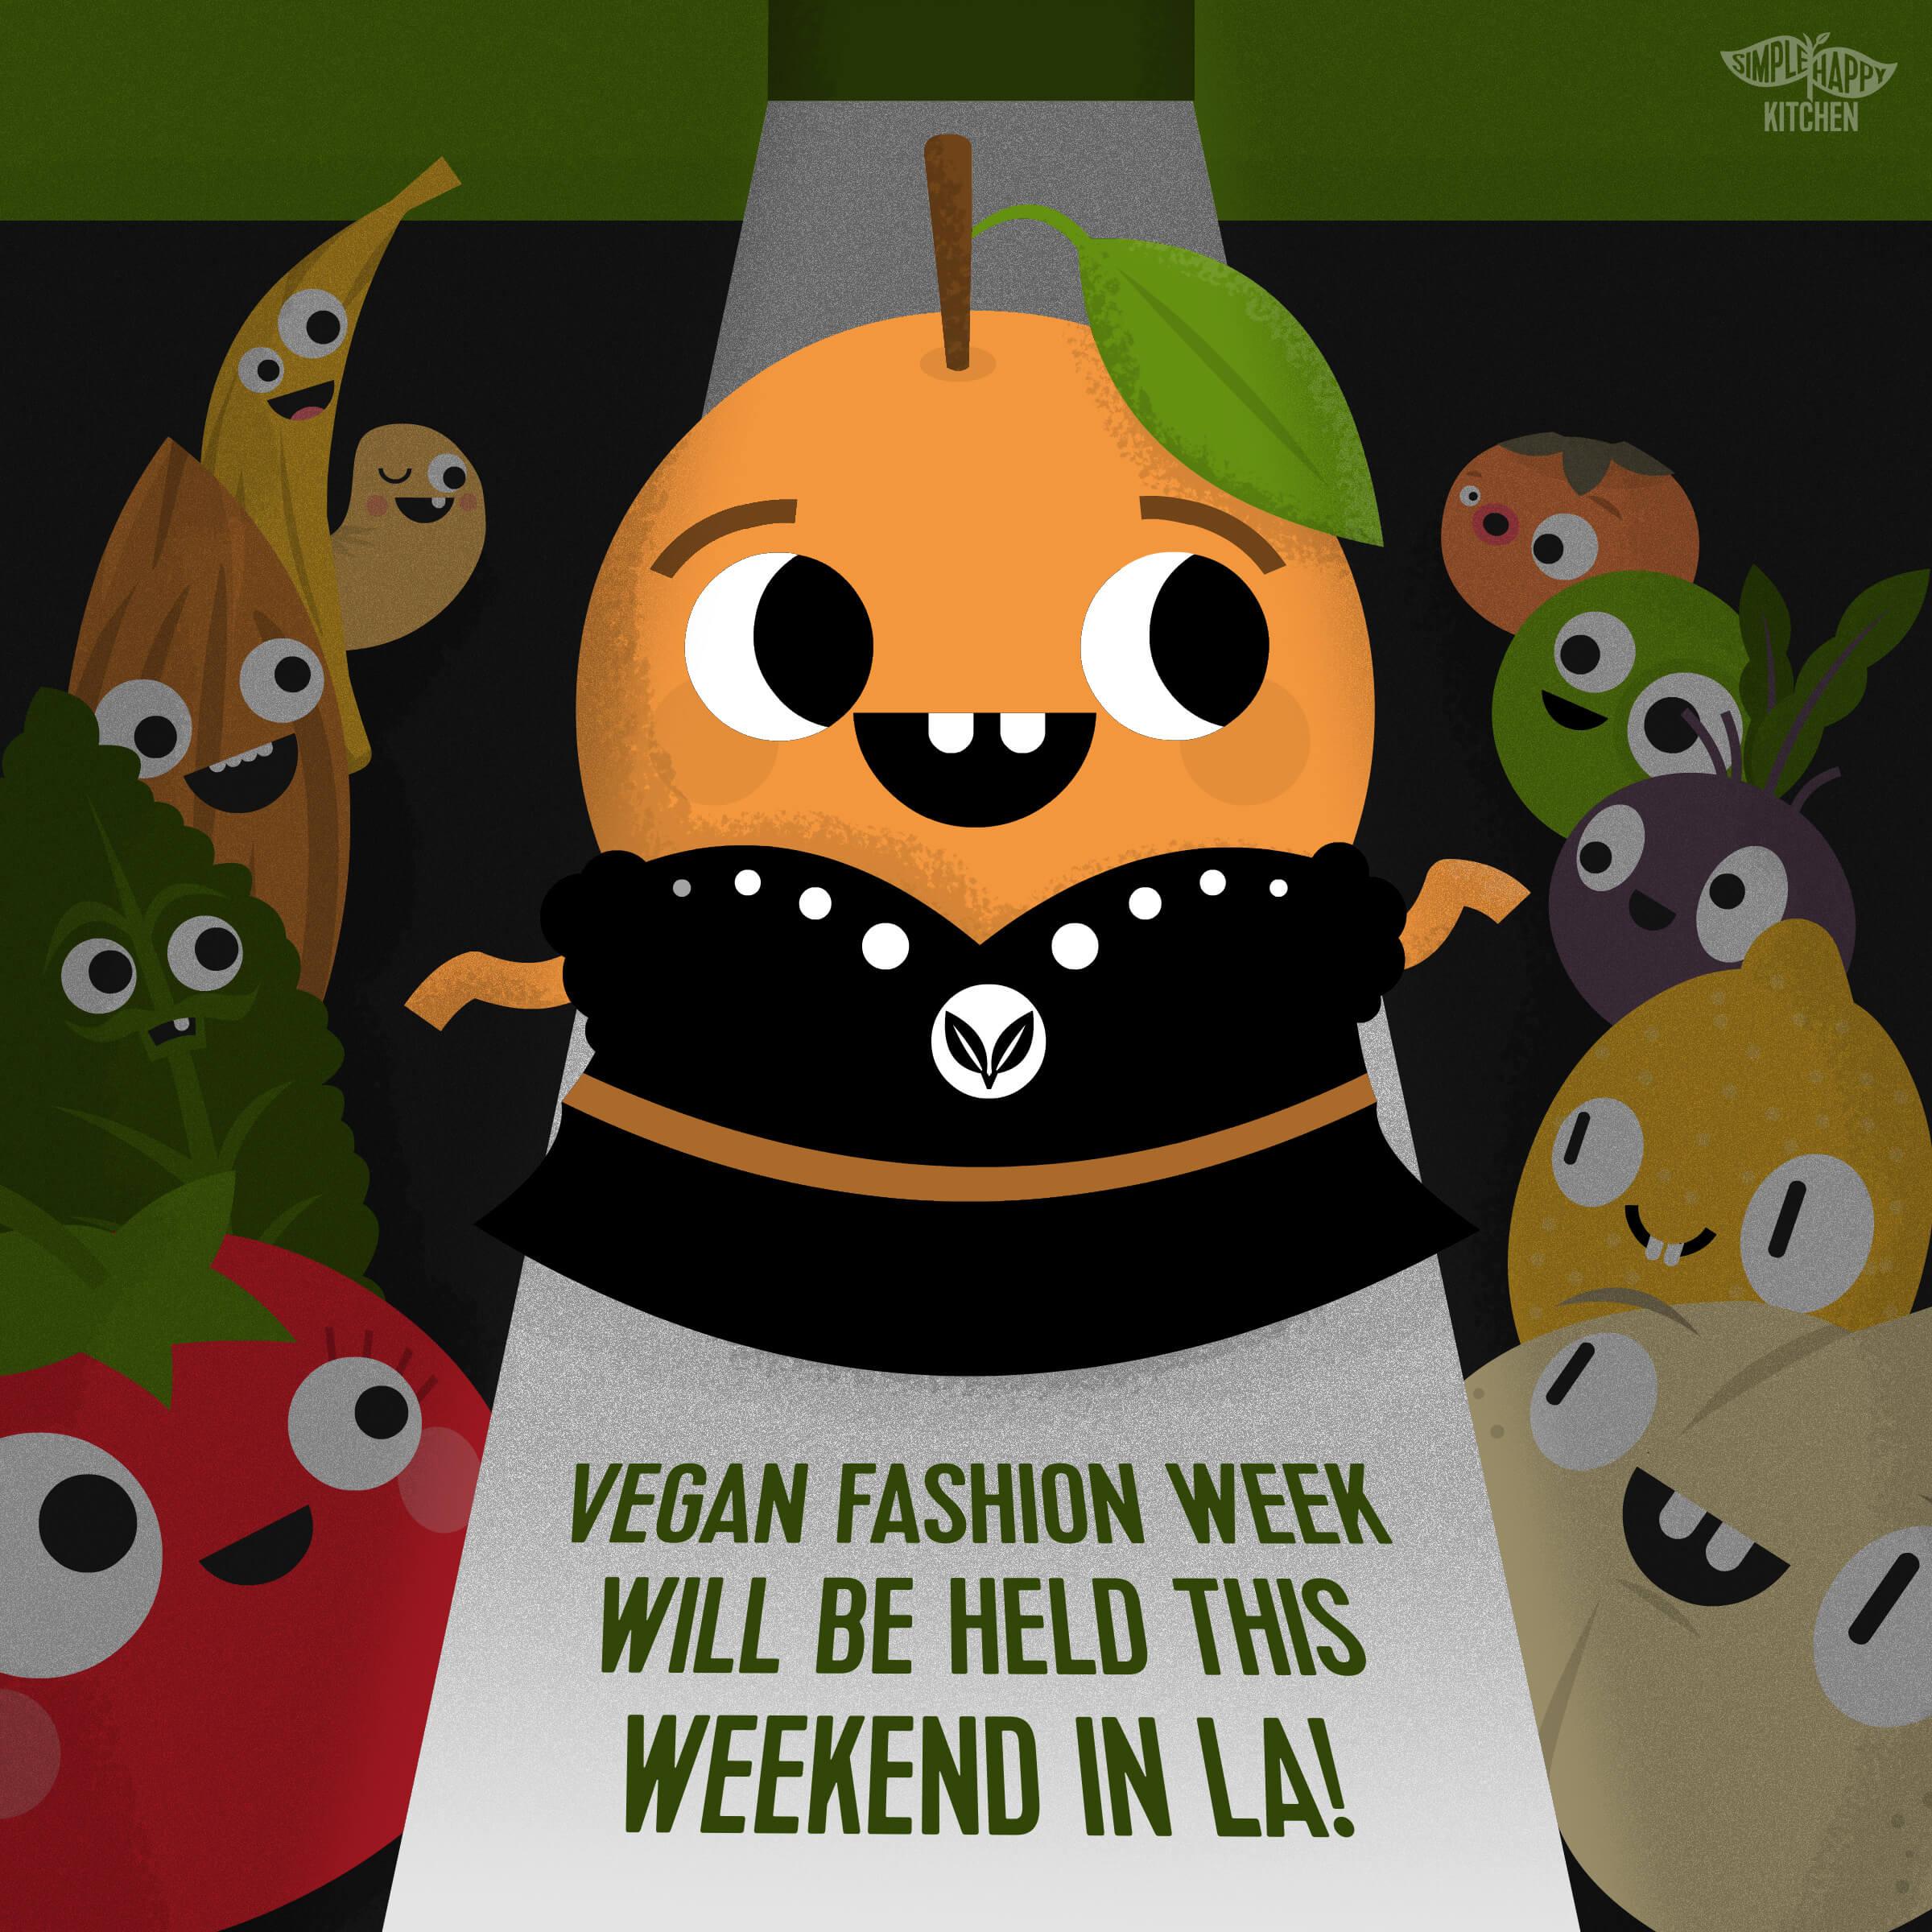 Vegan fashion week will be held this weekend in LA!